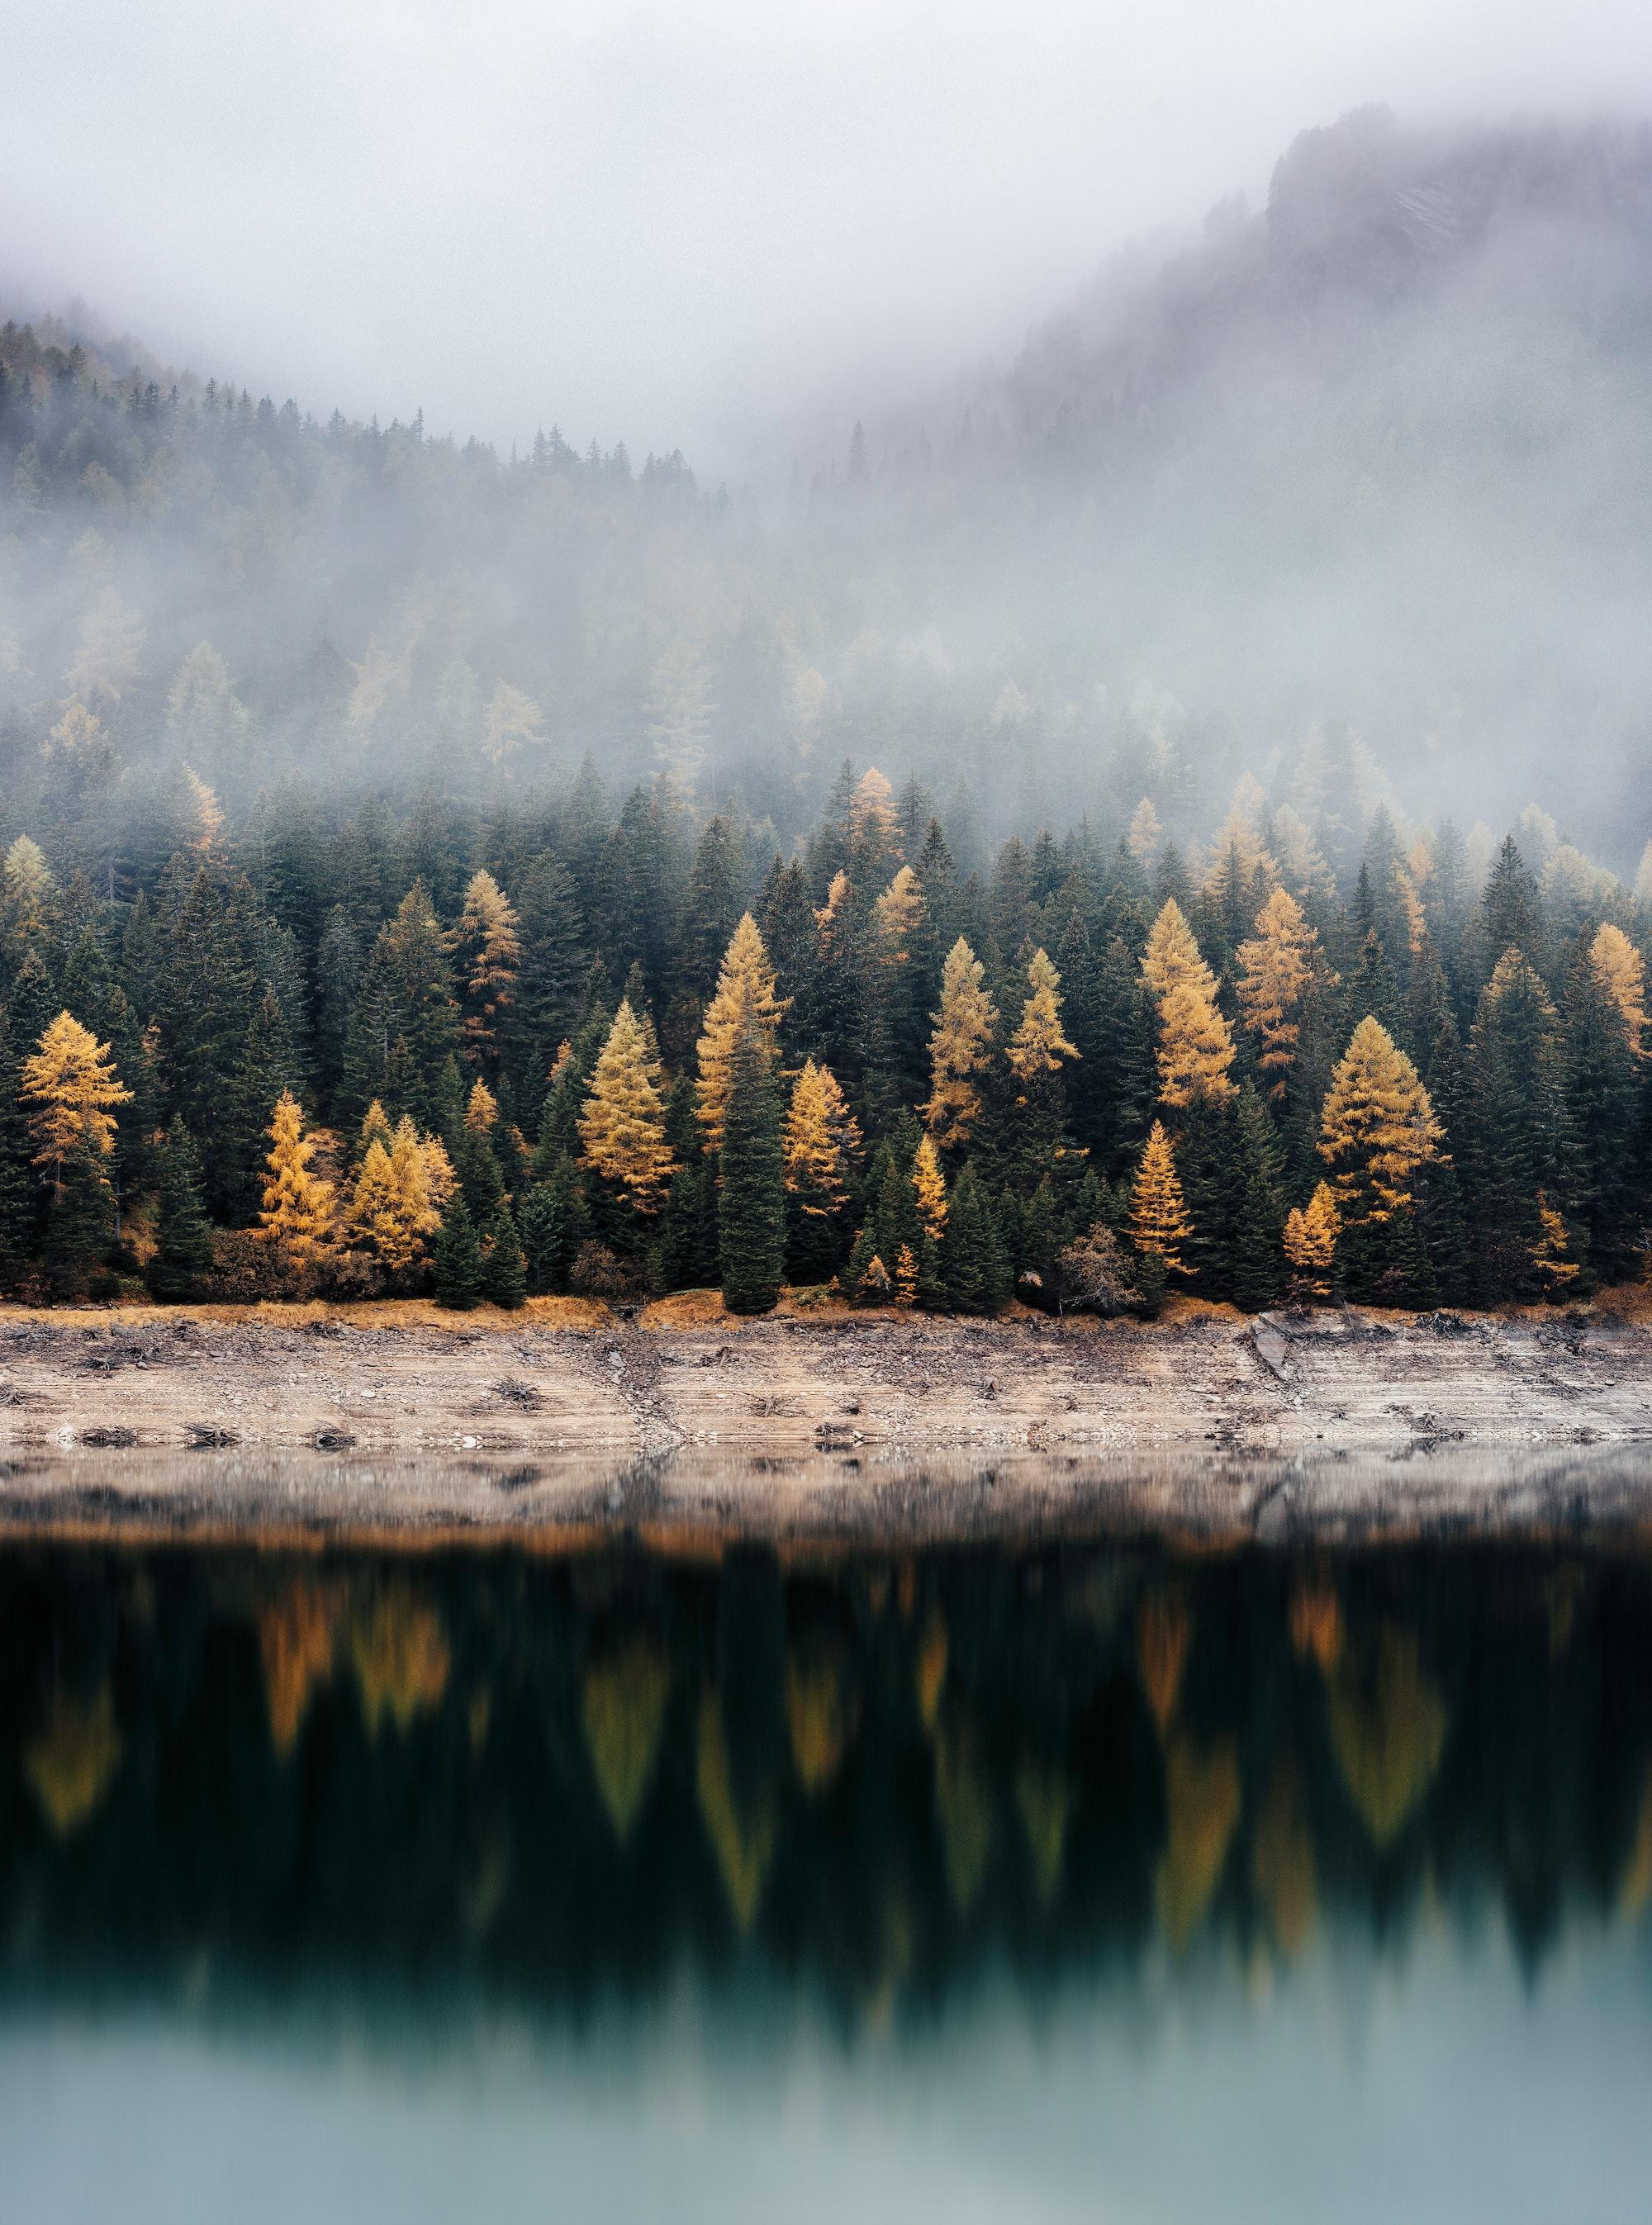 Осенний лес за озером. Отражение в воде создает симметрию